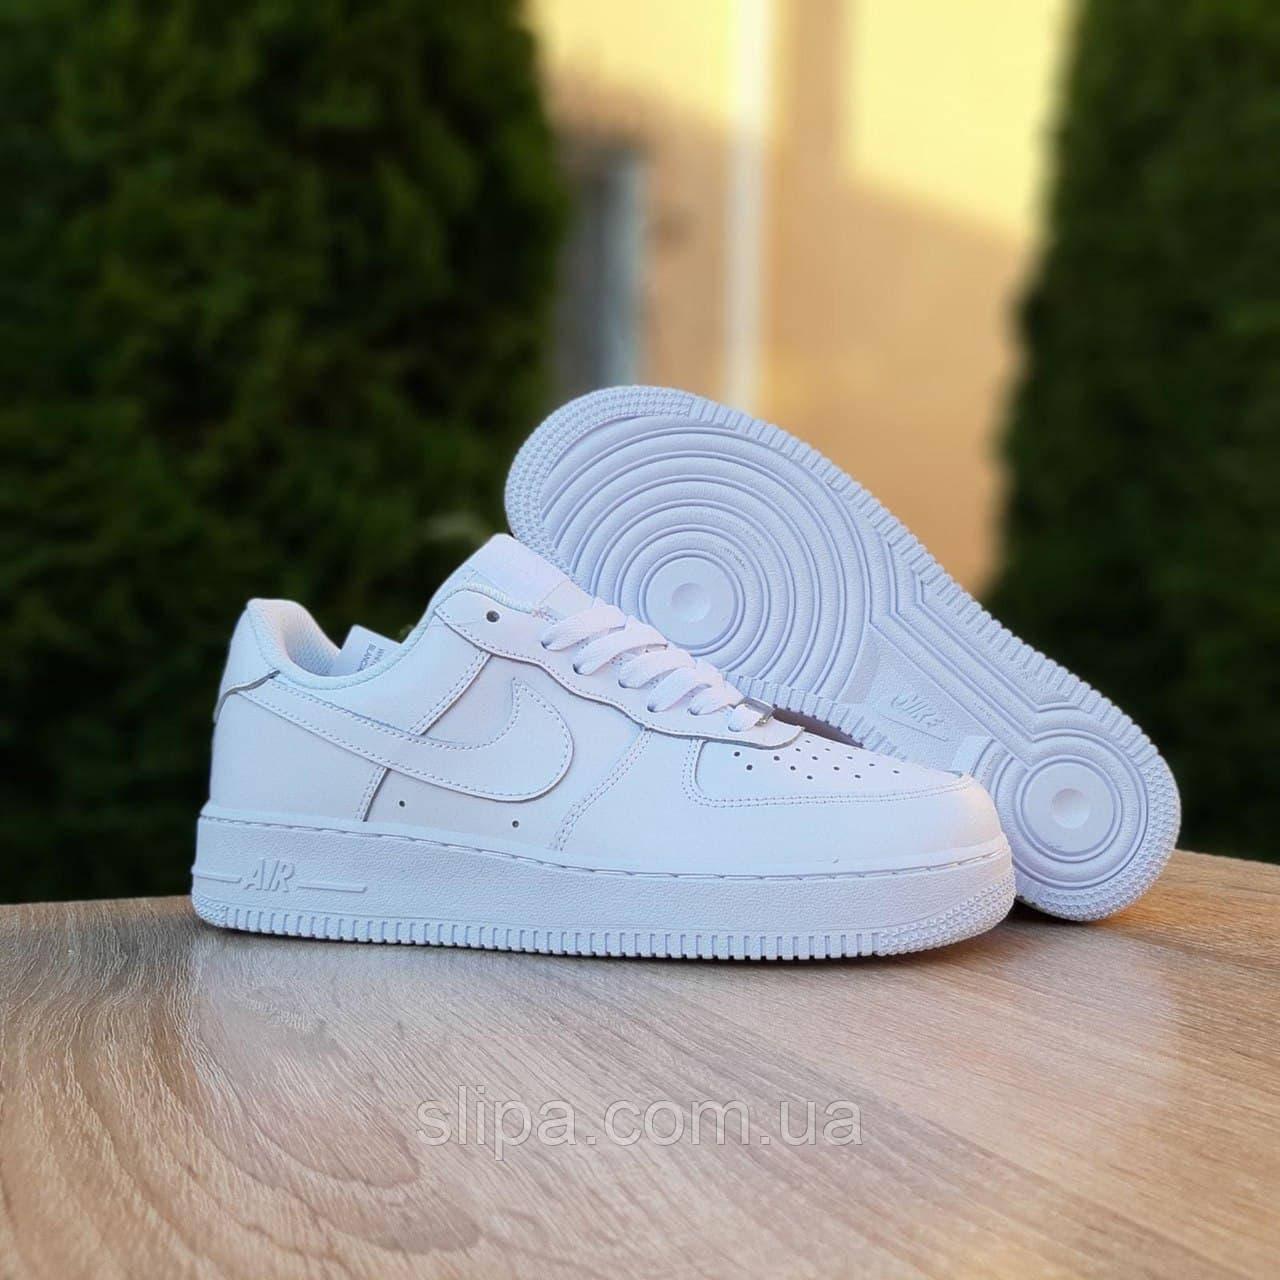 Женские кожаные кроссовки в стиле Nike Air Force белые